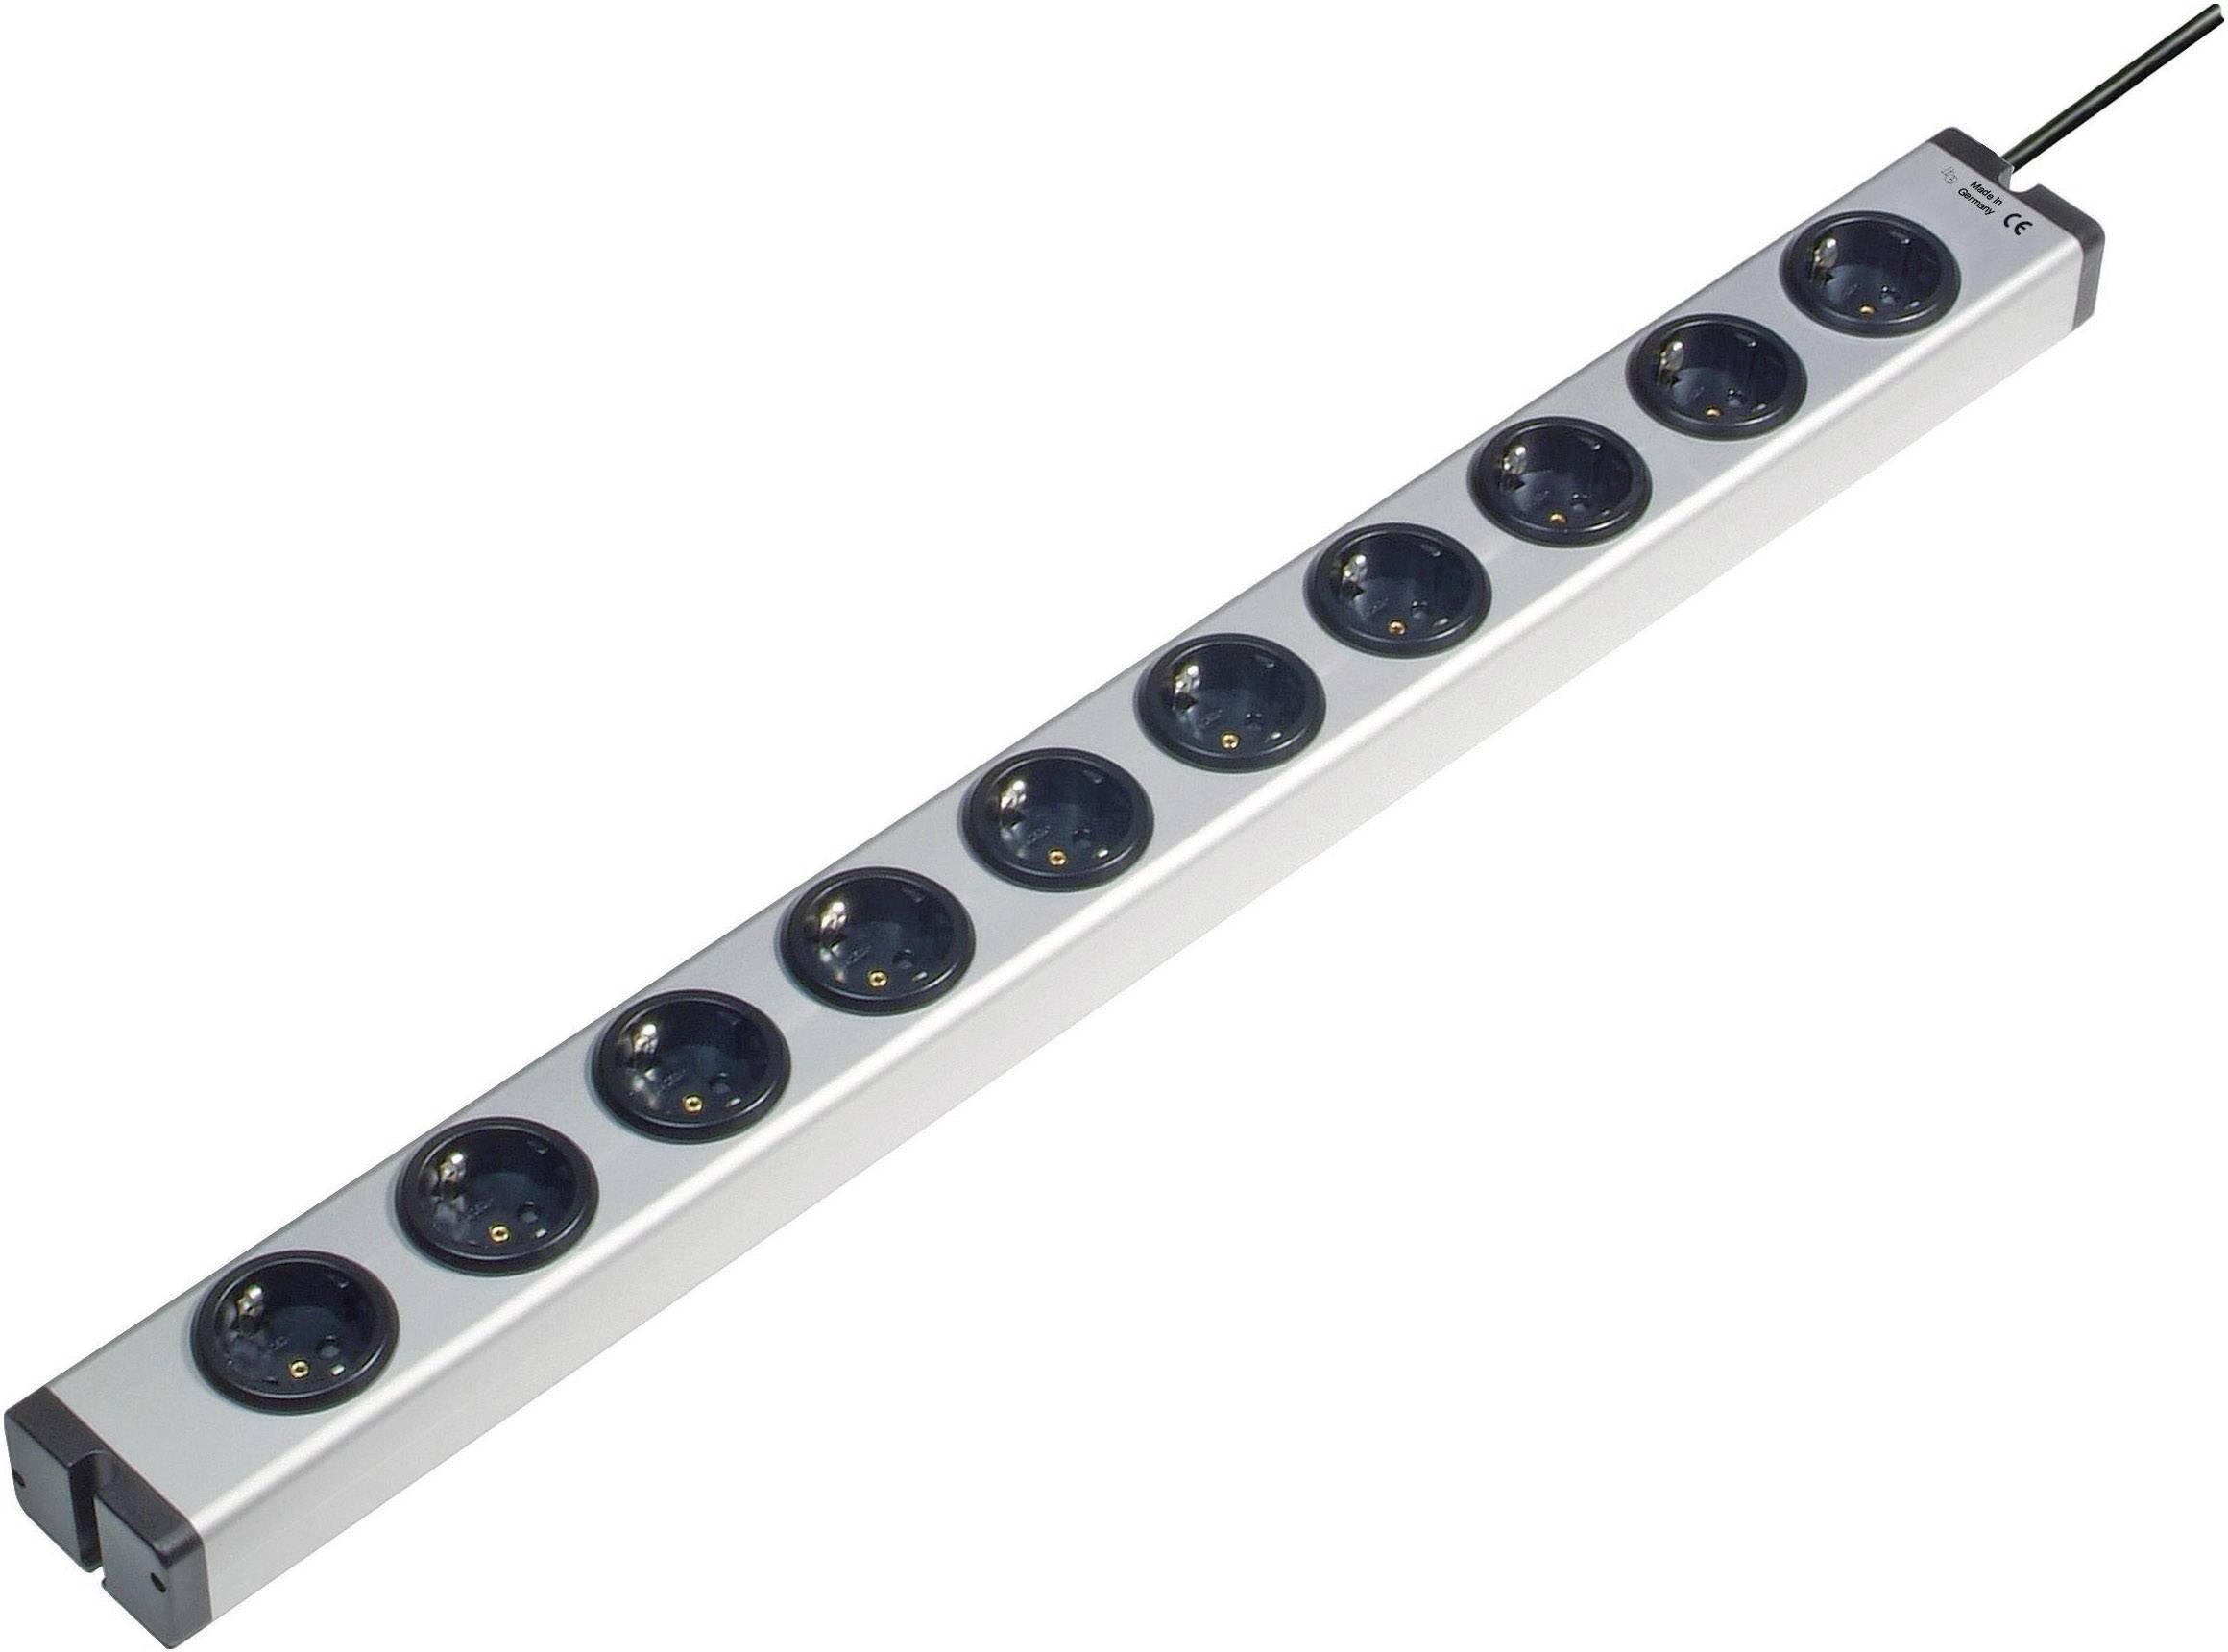 Zásuvková lišta Ehmann, 10 zásuviek, dĺžka káblu 1.5 m